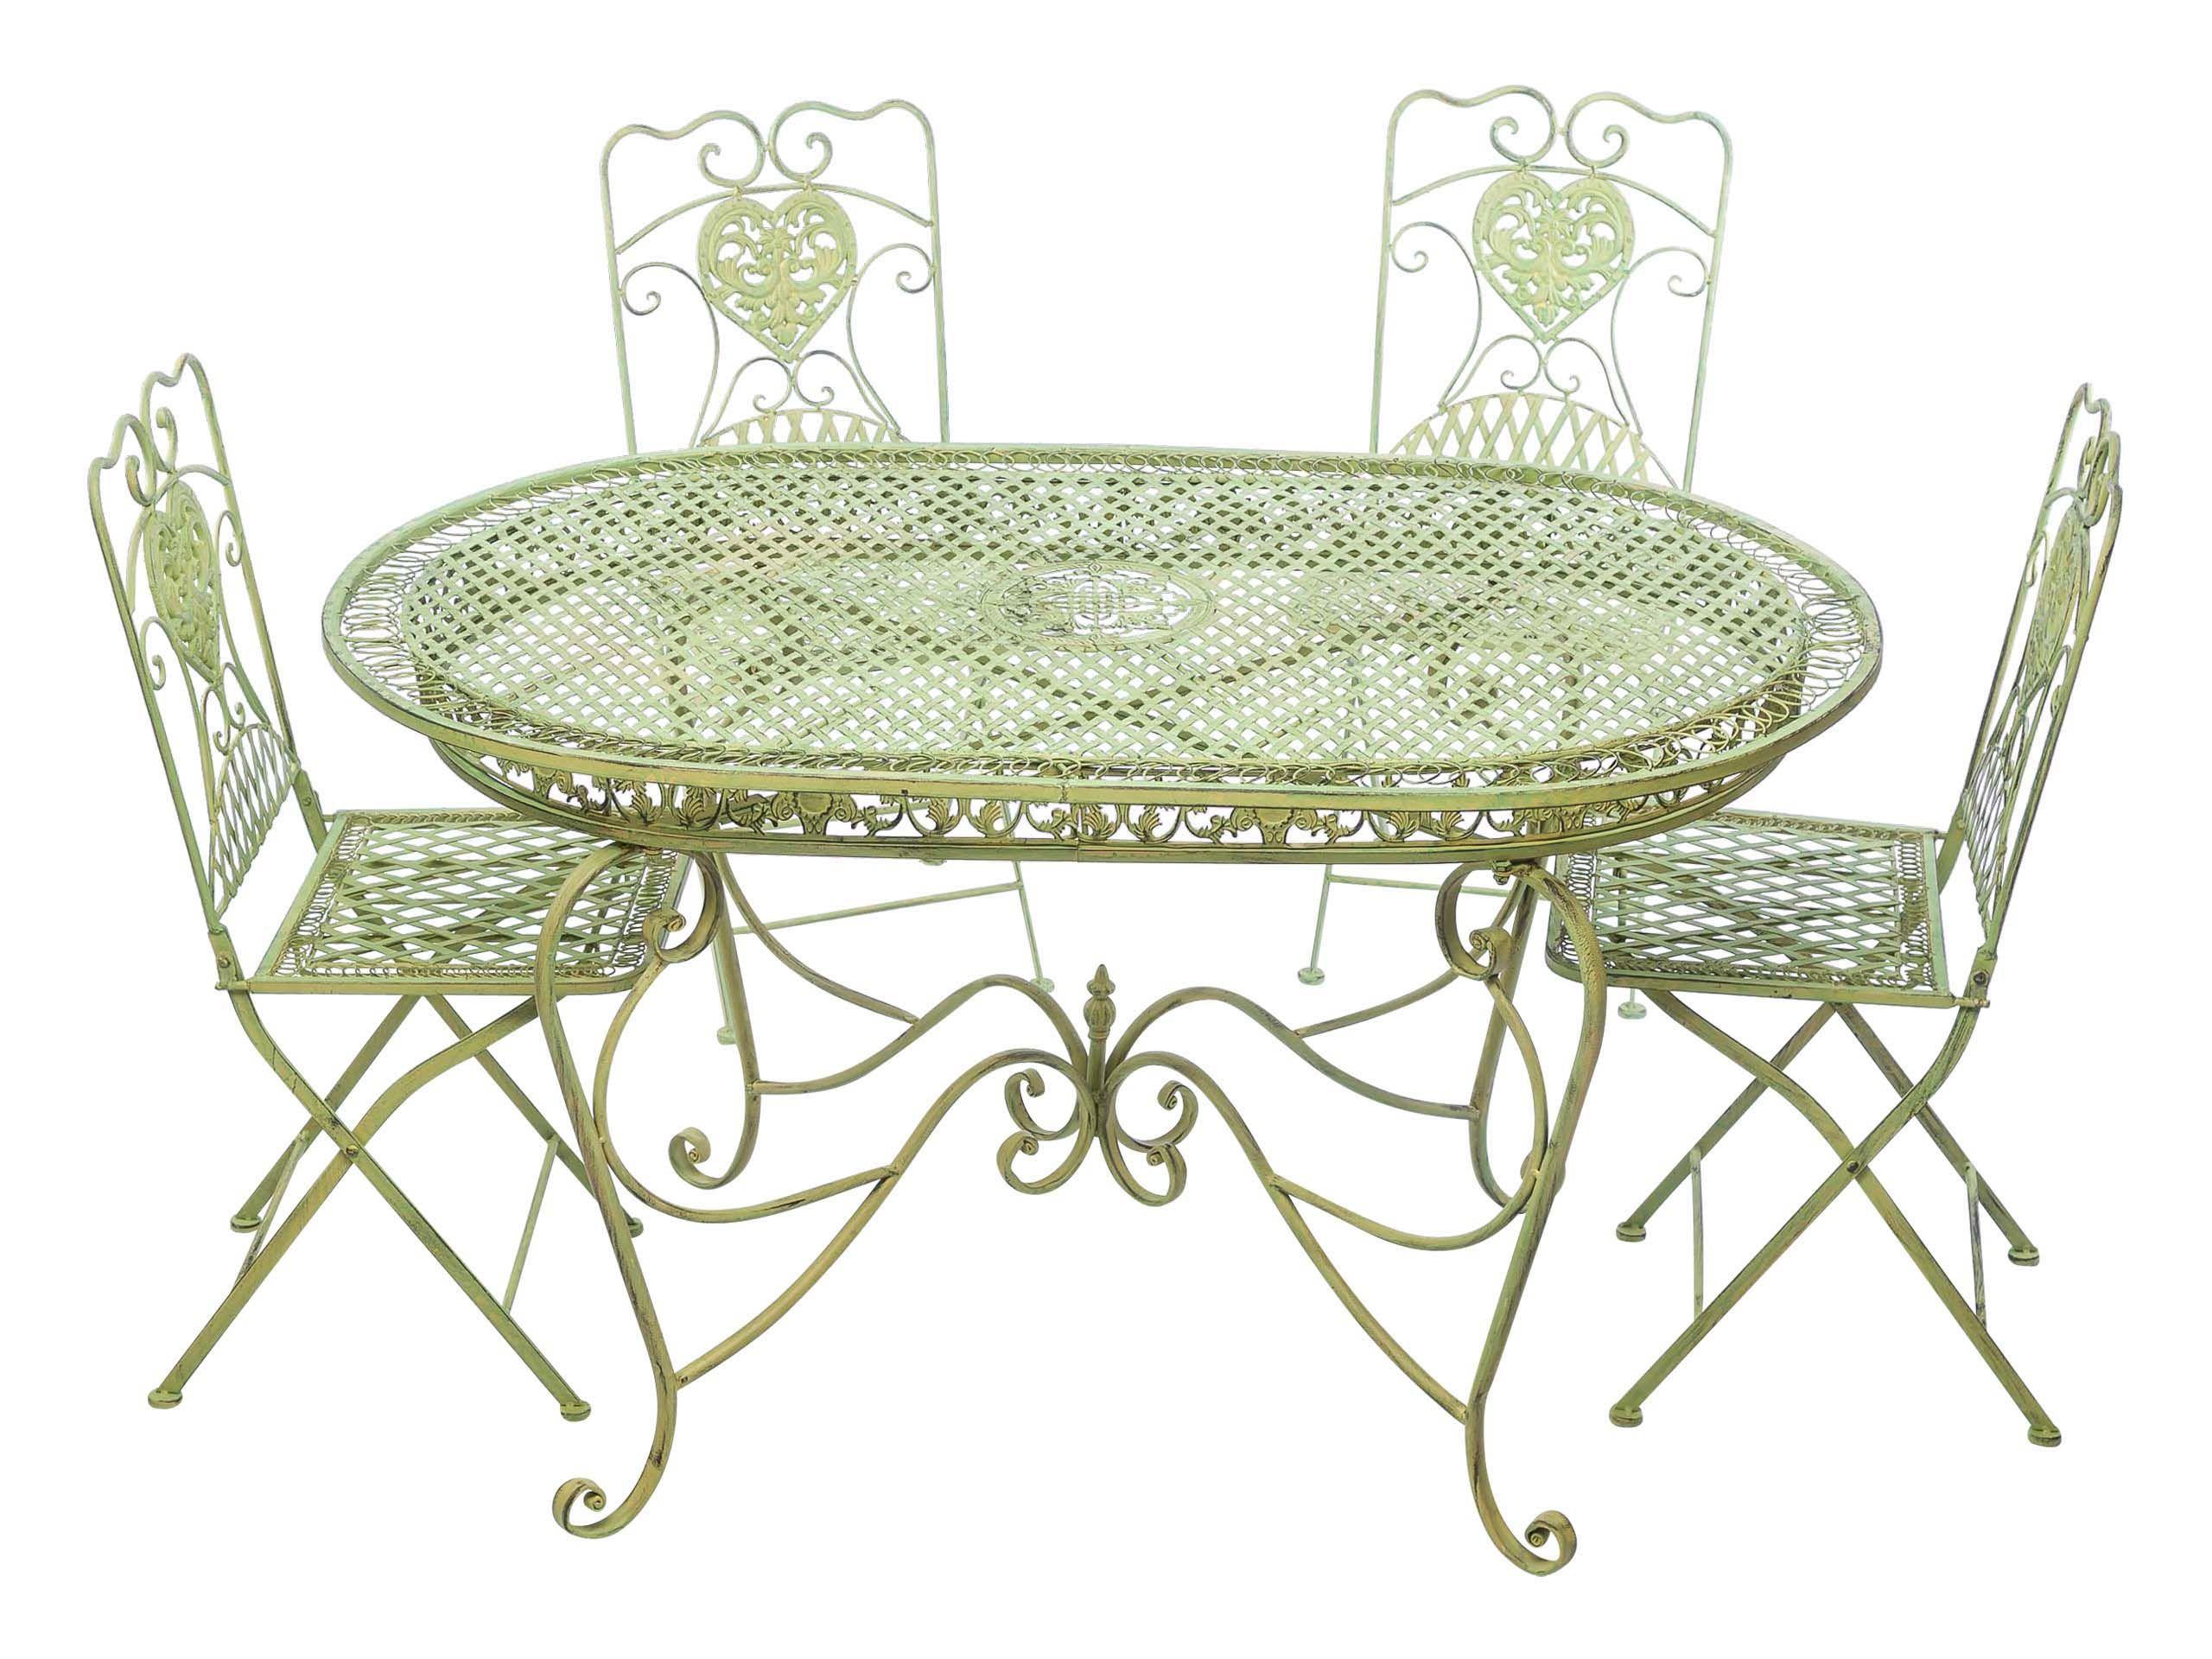 Garnitur Gartentisch 4 Stühle Grün Eisen Gartenmöbel Stuhl